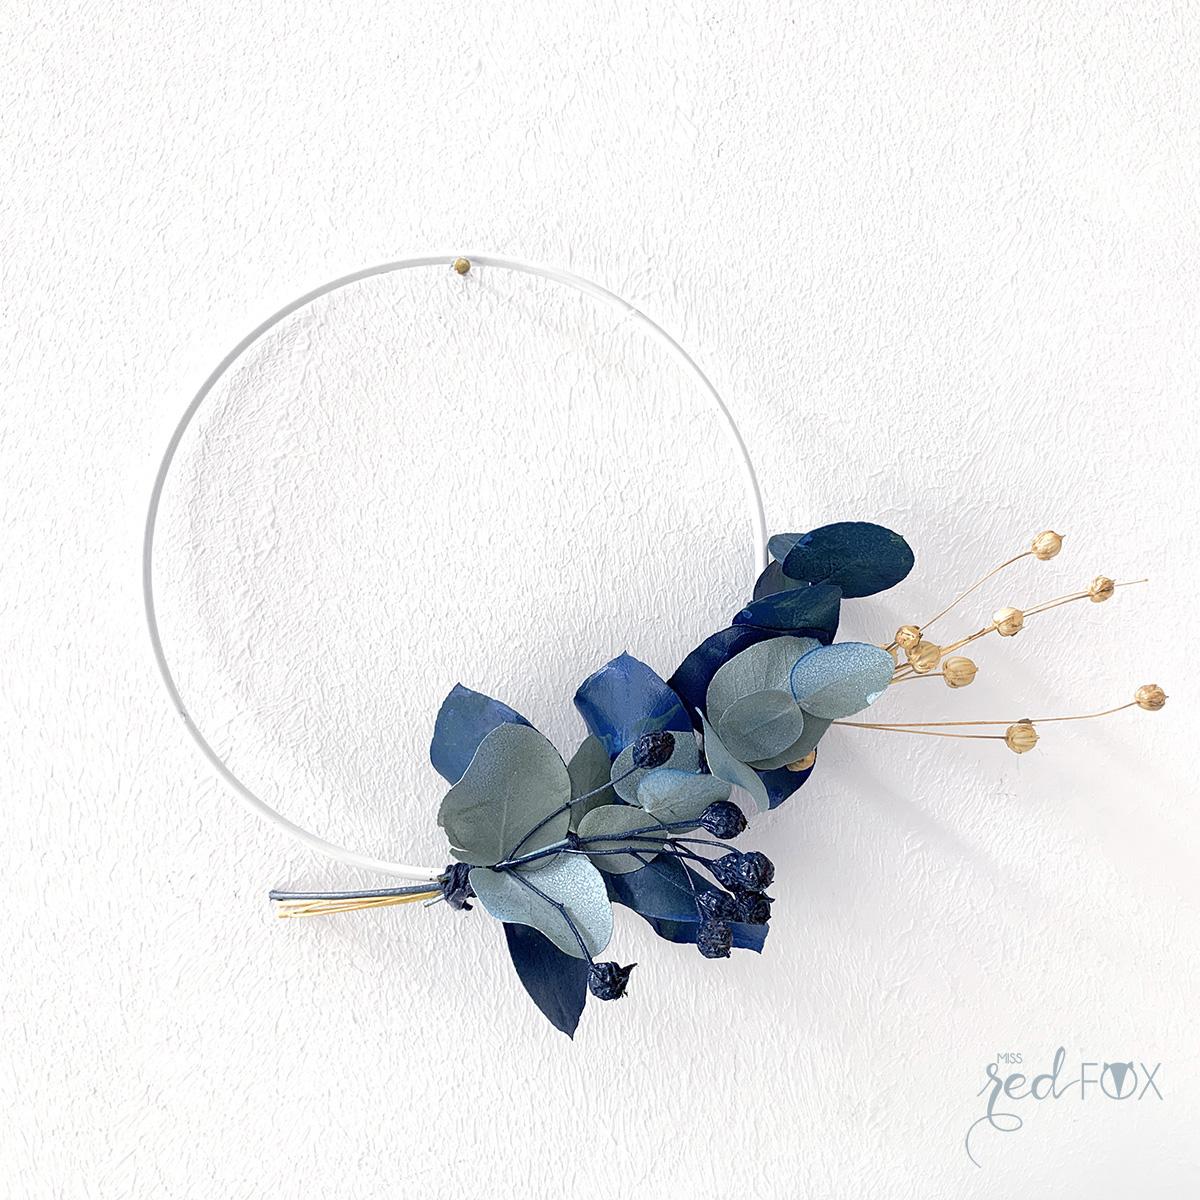 missredfox - 12giftswithlove 10 - Kranz aus trockenen Blumen - 13